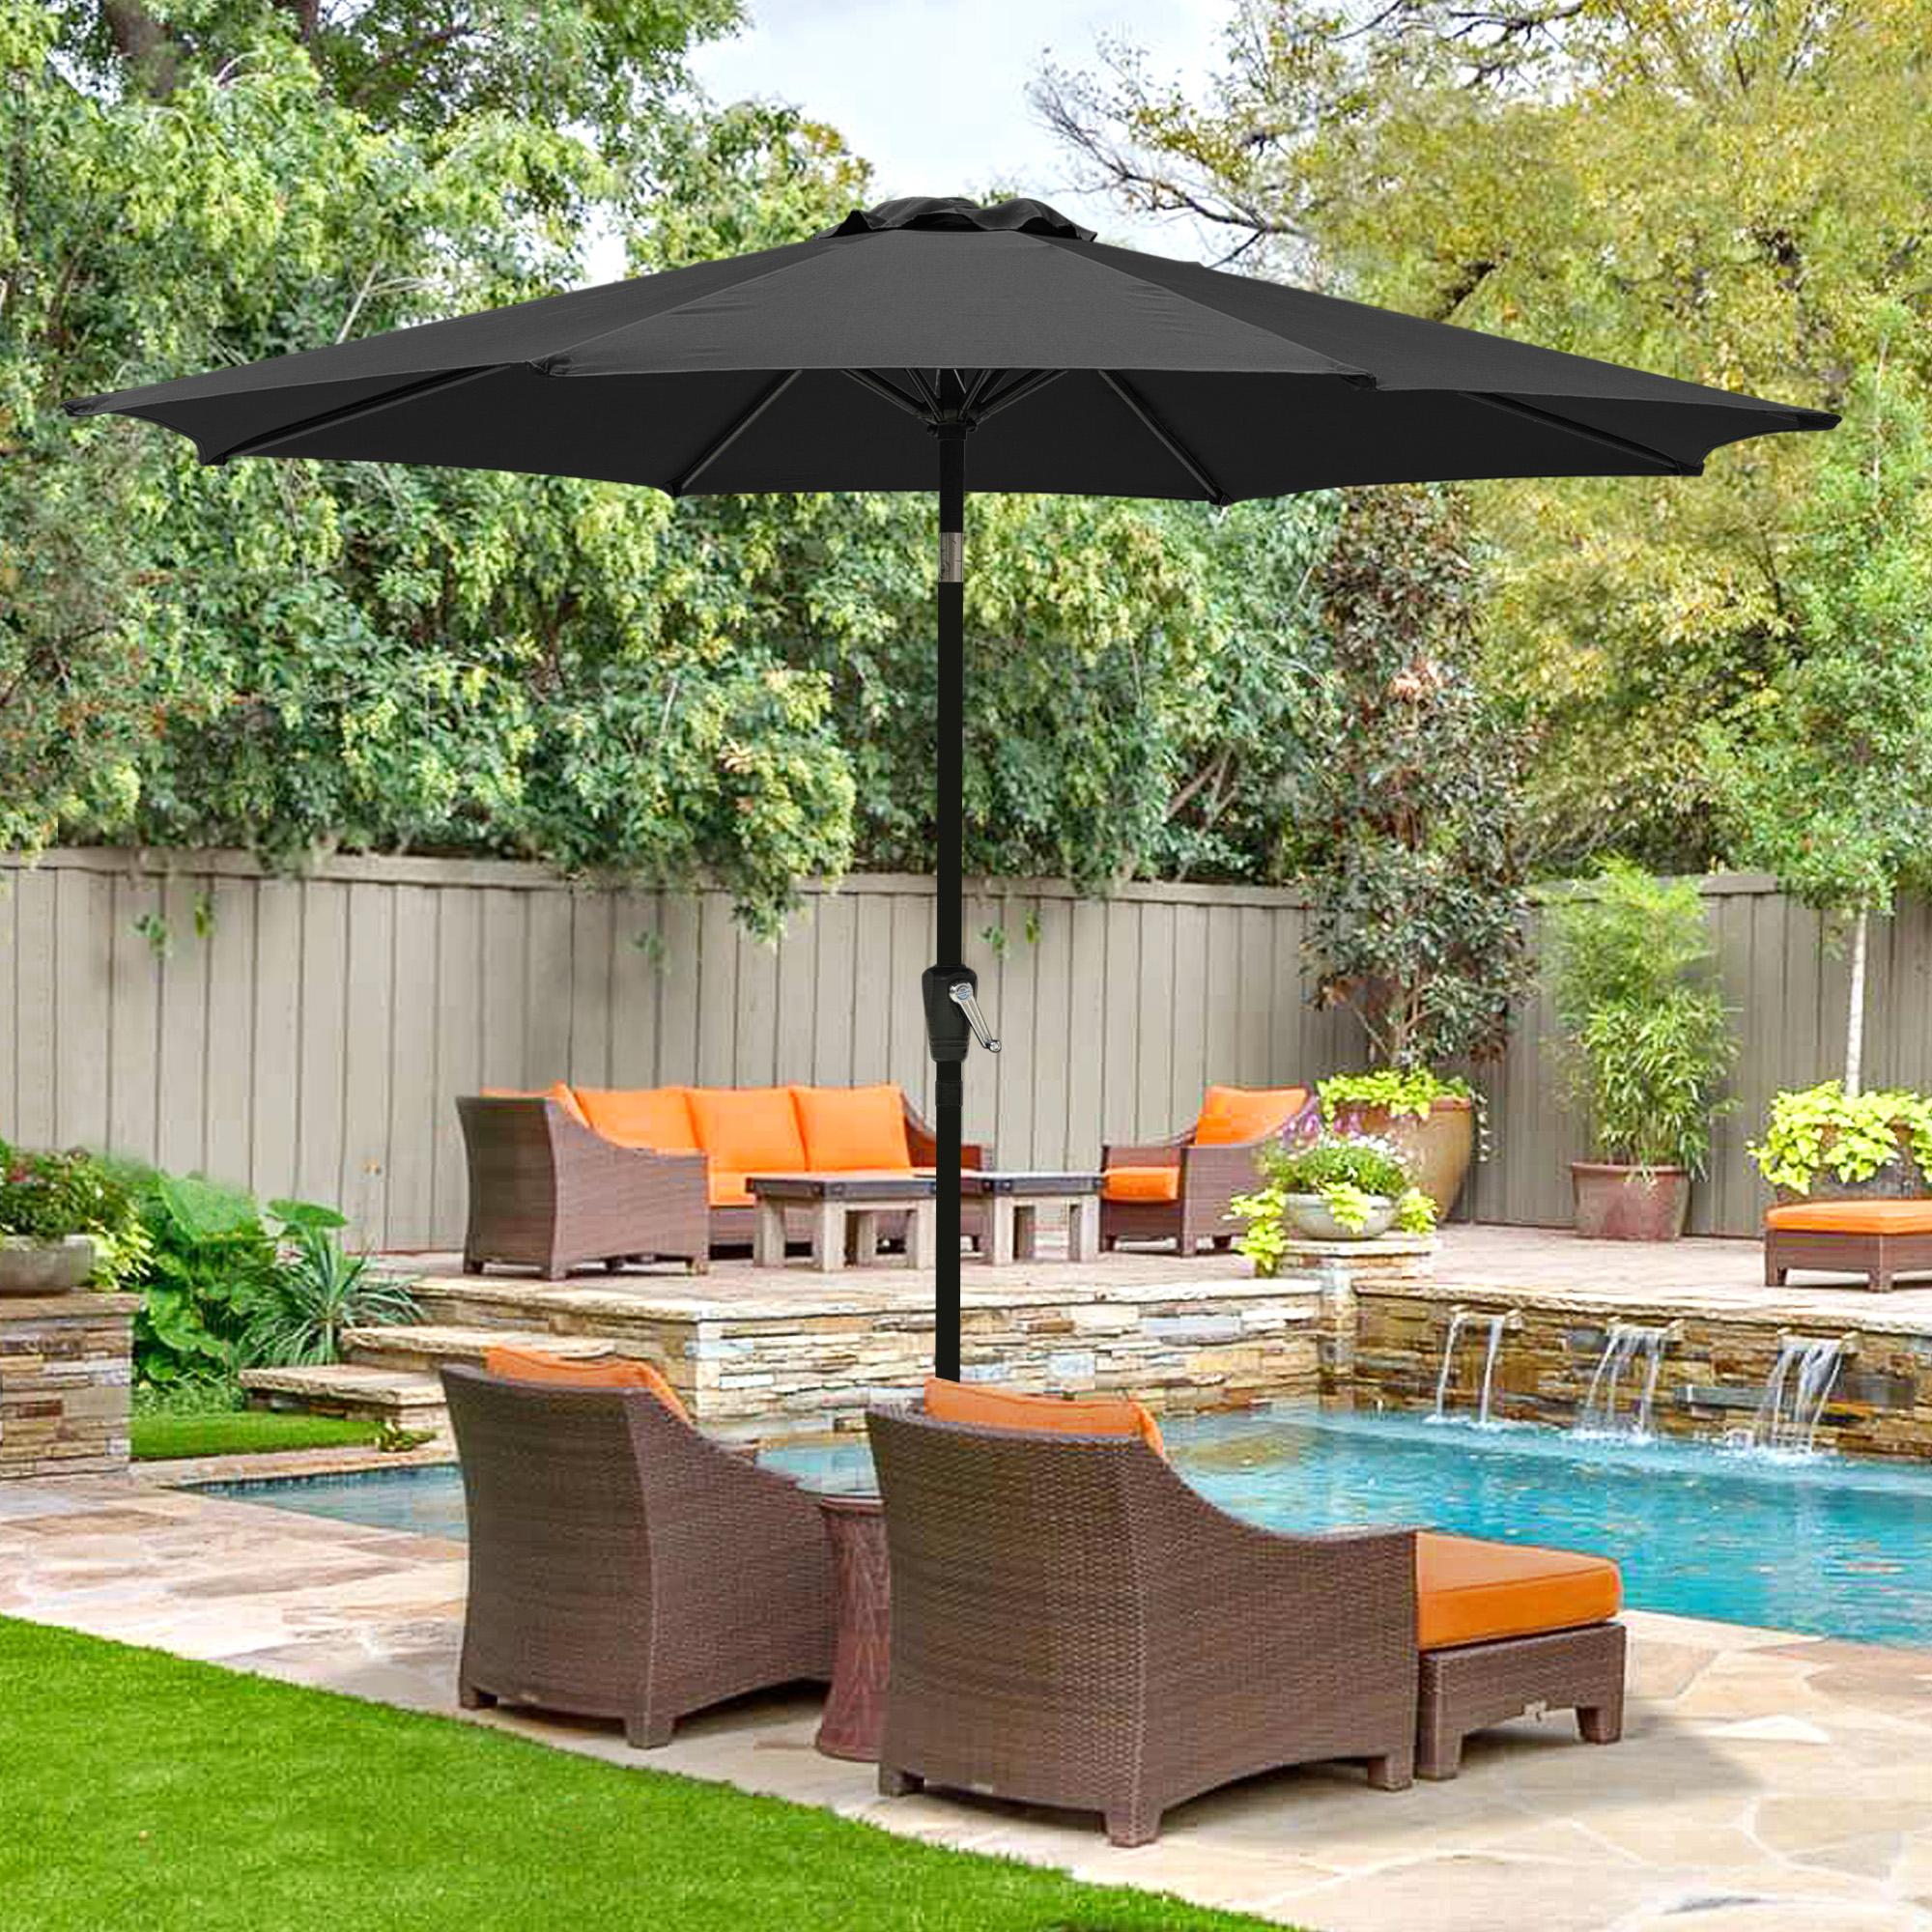 thumbnail 33 - 9' Outdoor Umbrella Patio 8 Ribs Market Garden Crank Tilt Beach Sunshade Parasol